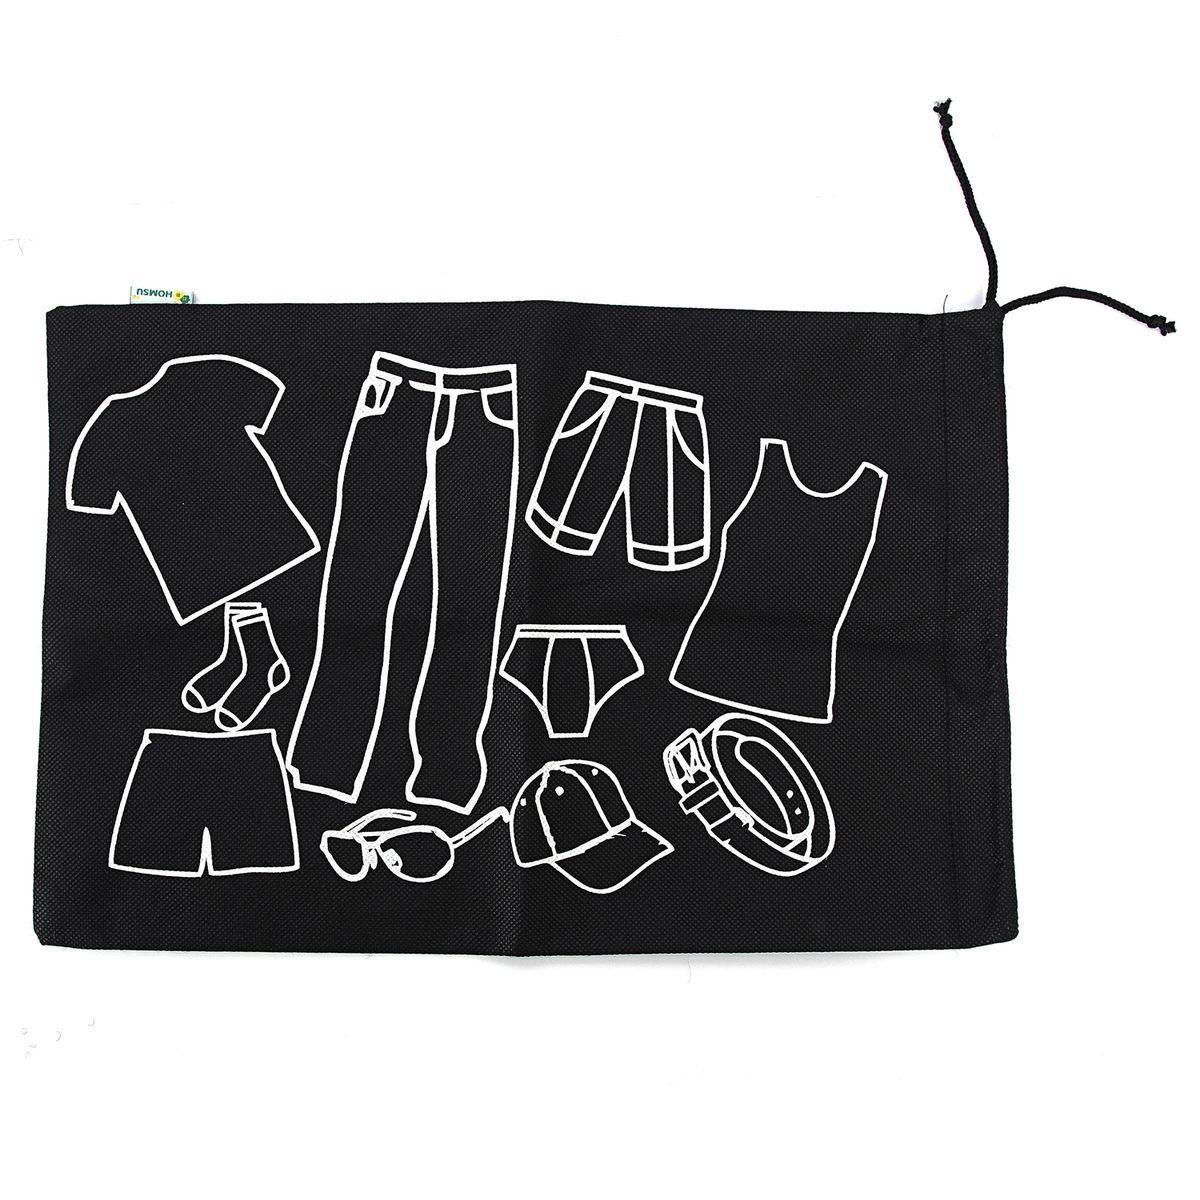 Органайзер для вещей Homsu Men in Black, цвет: черный, 45 х 30 смHOM-654Удобный органайзер Homsu Men in Black предназначен для хранения и перевозки вещей. Изготовлен из высококачественного материала, поможет полноценно сберечь вашу одежду, как в домашнем хранении, так и во время транспортировки. Размер:45 x 30 см.